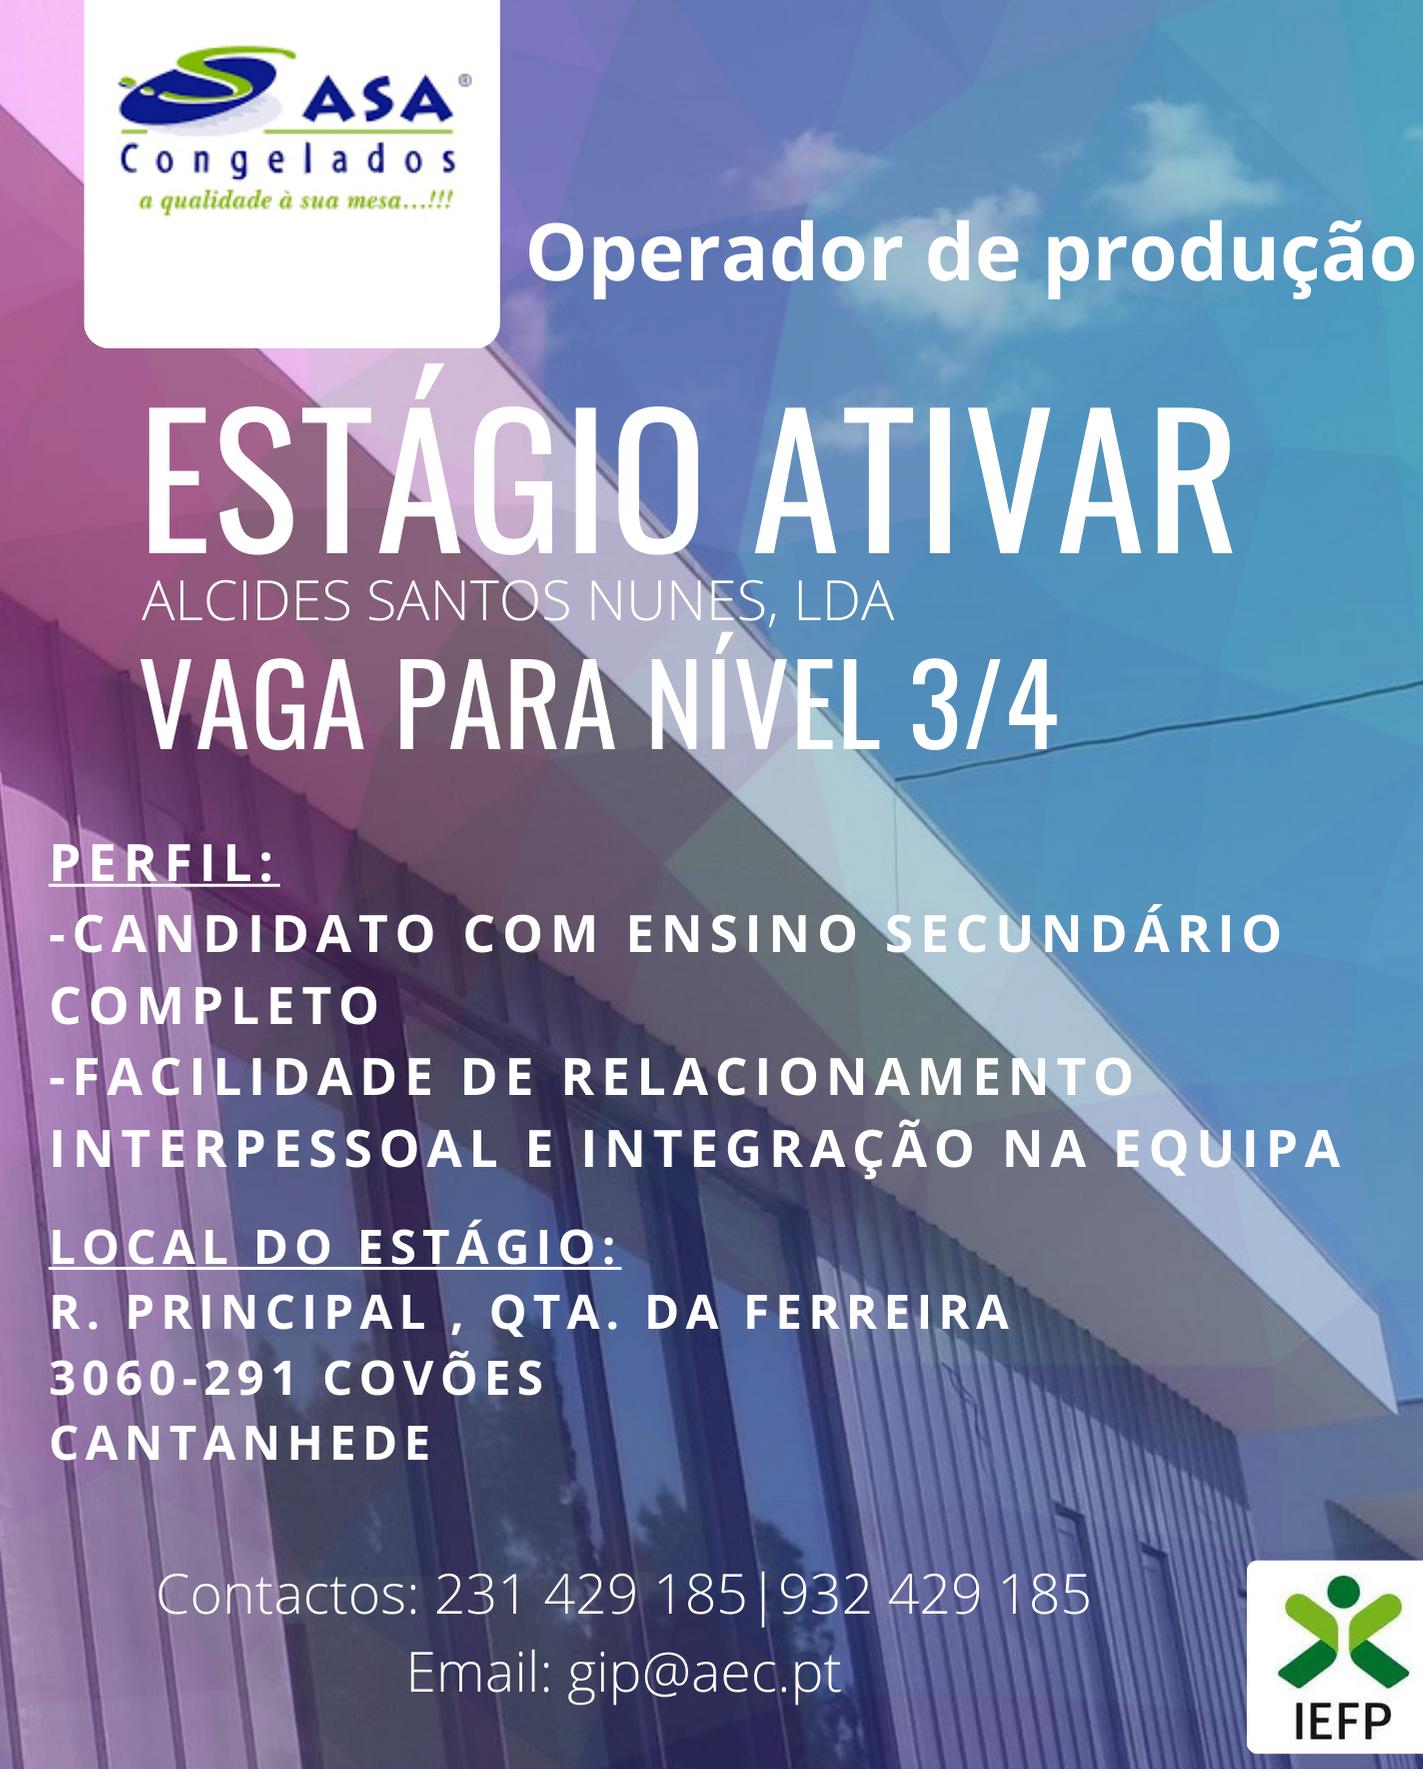 Estágio Ativar - Nível3/4 Operador de Produção